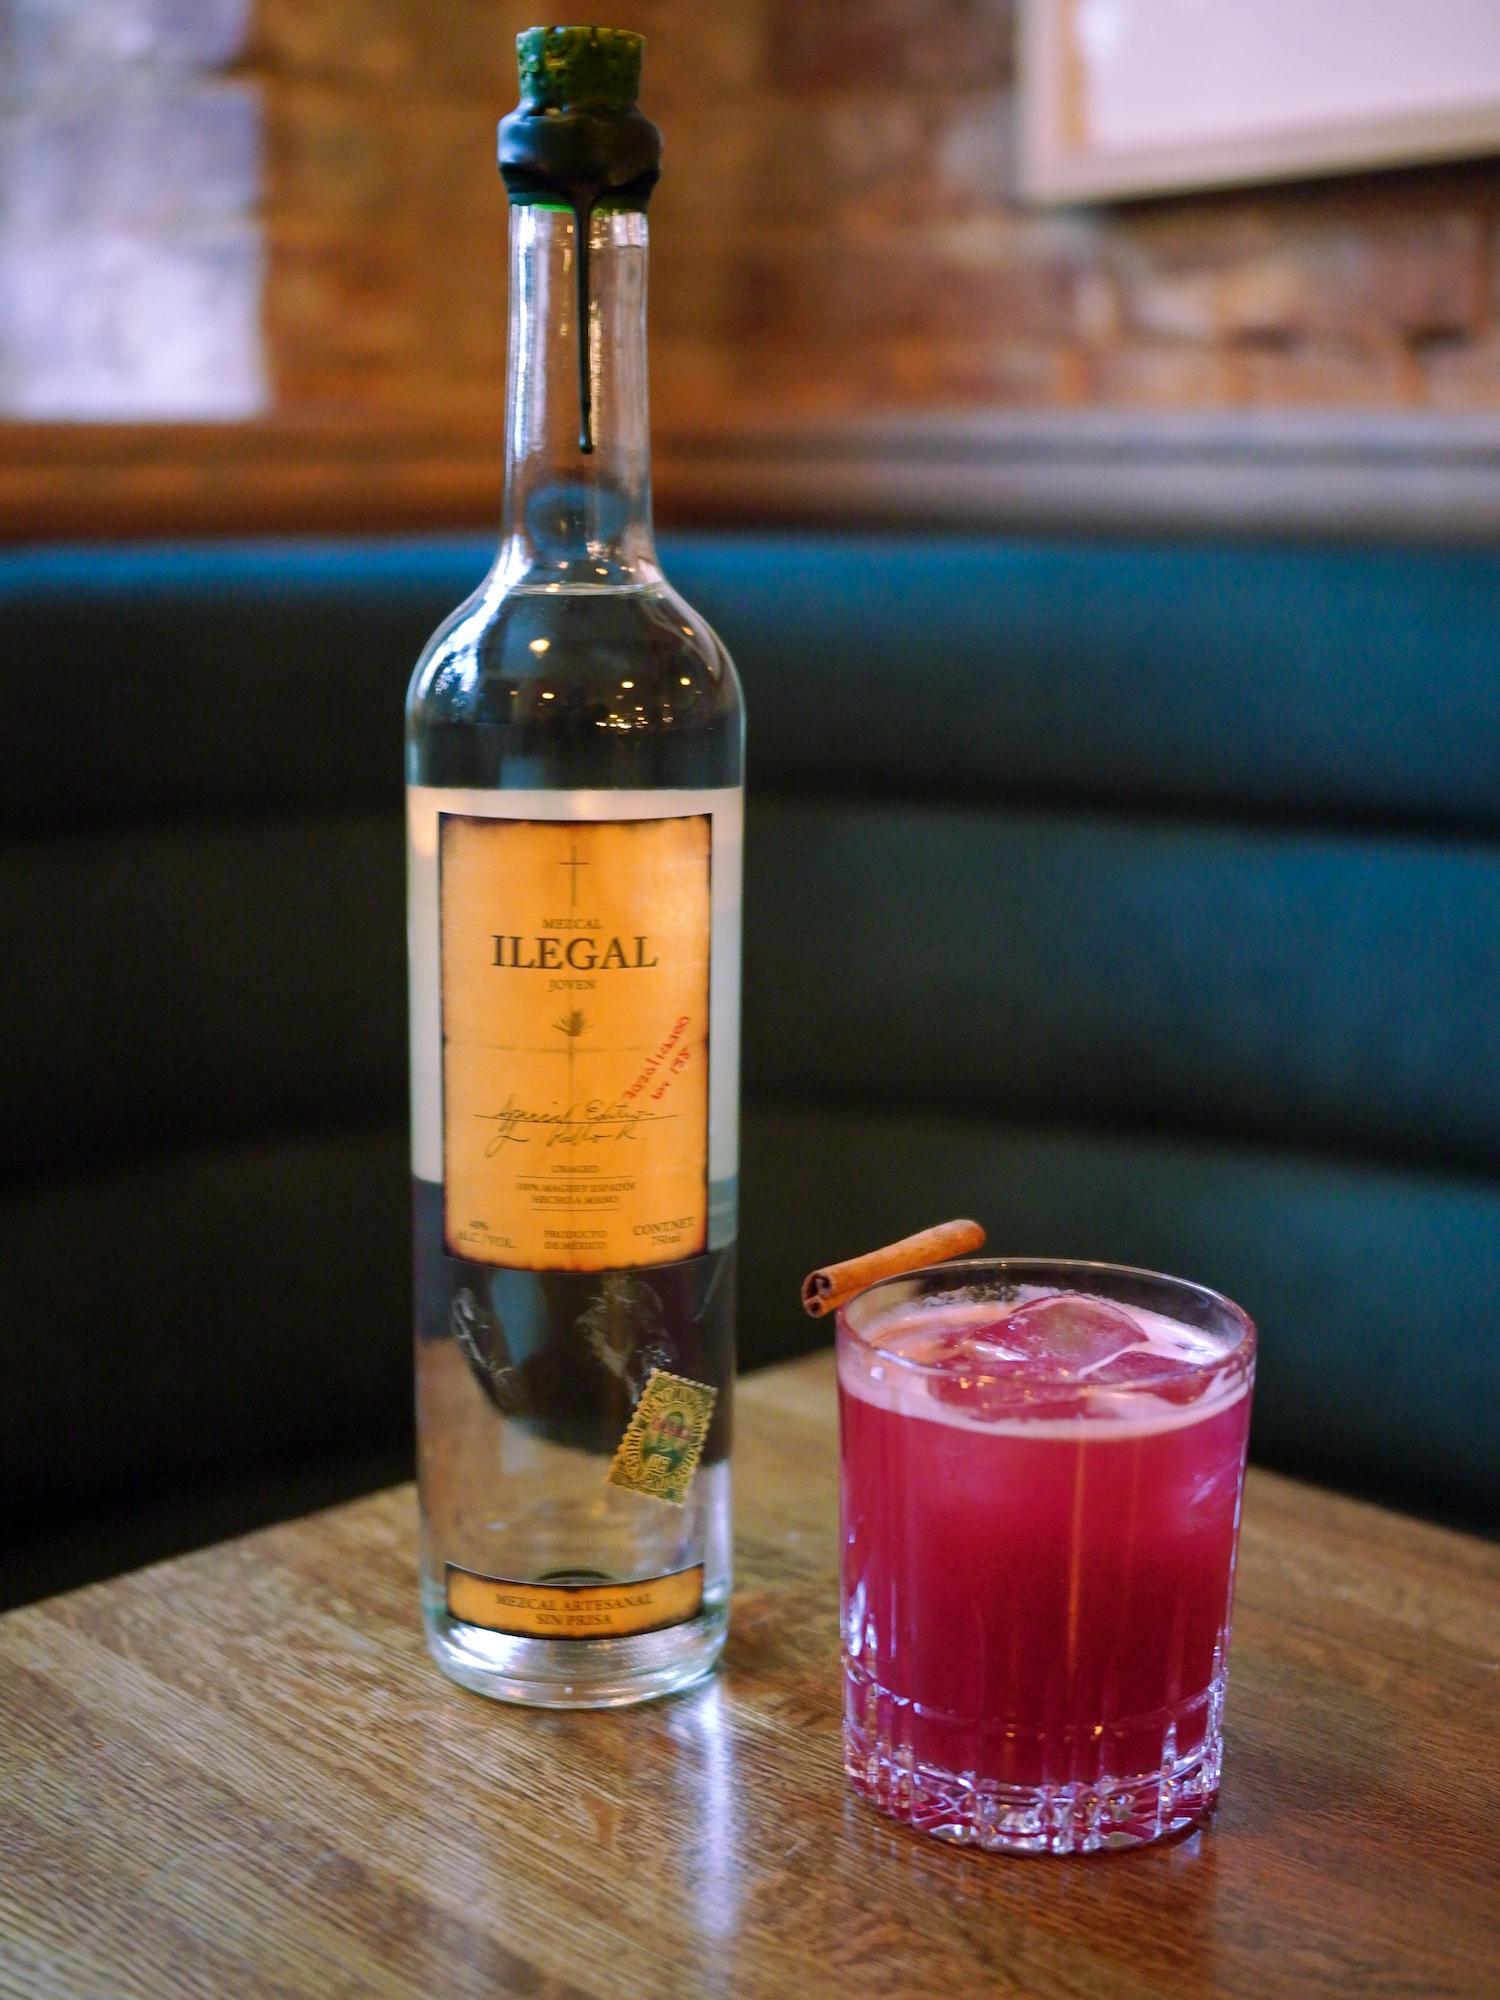 Ilegal Mezcal Cocktails - Otono